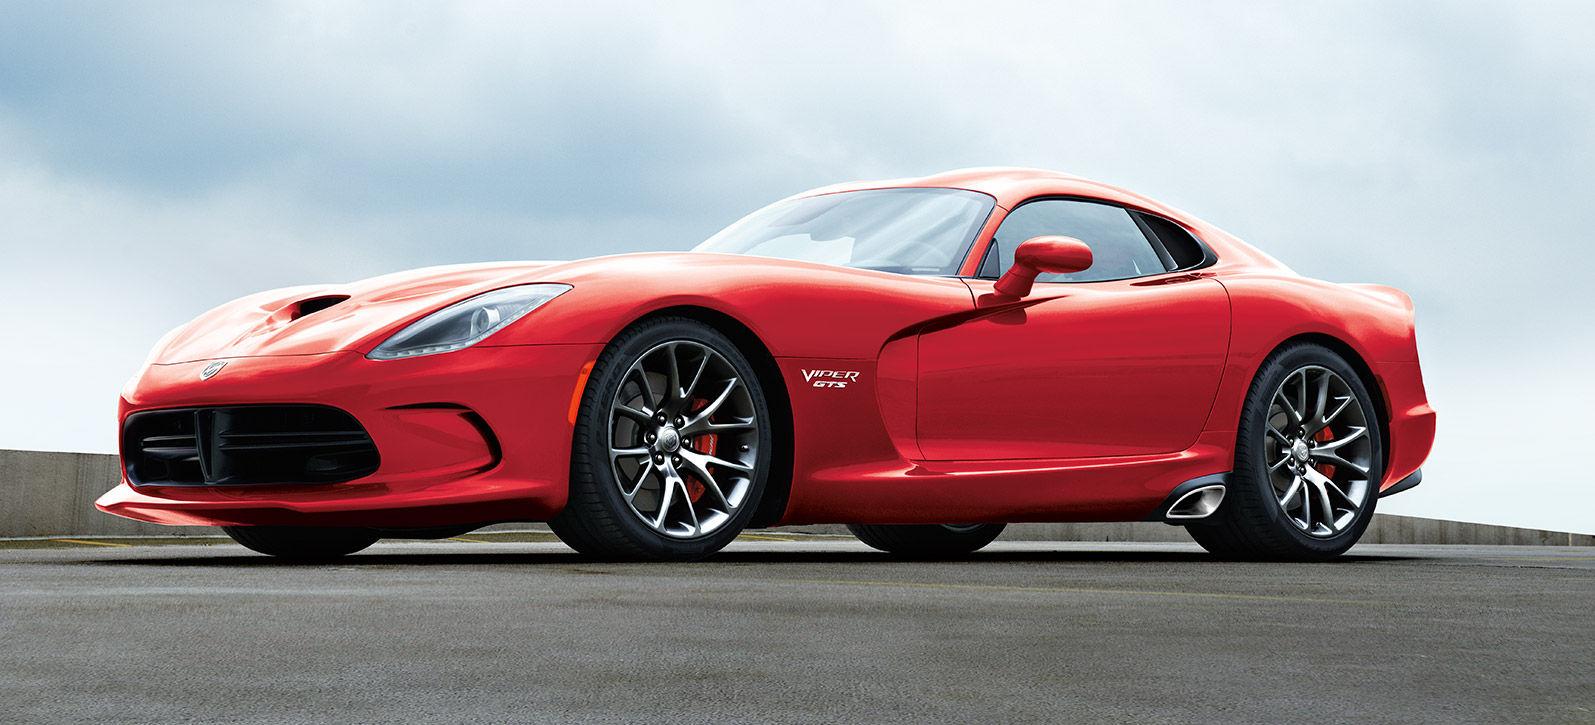 New Dodge Viper Exterior main image